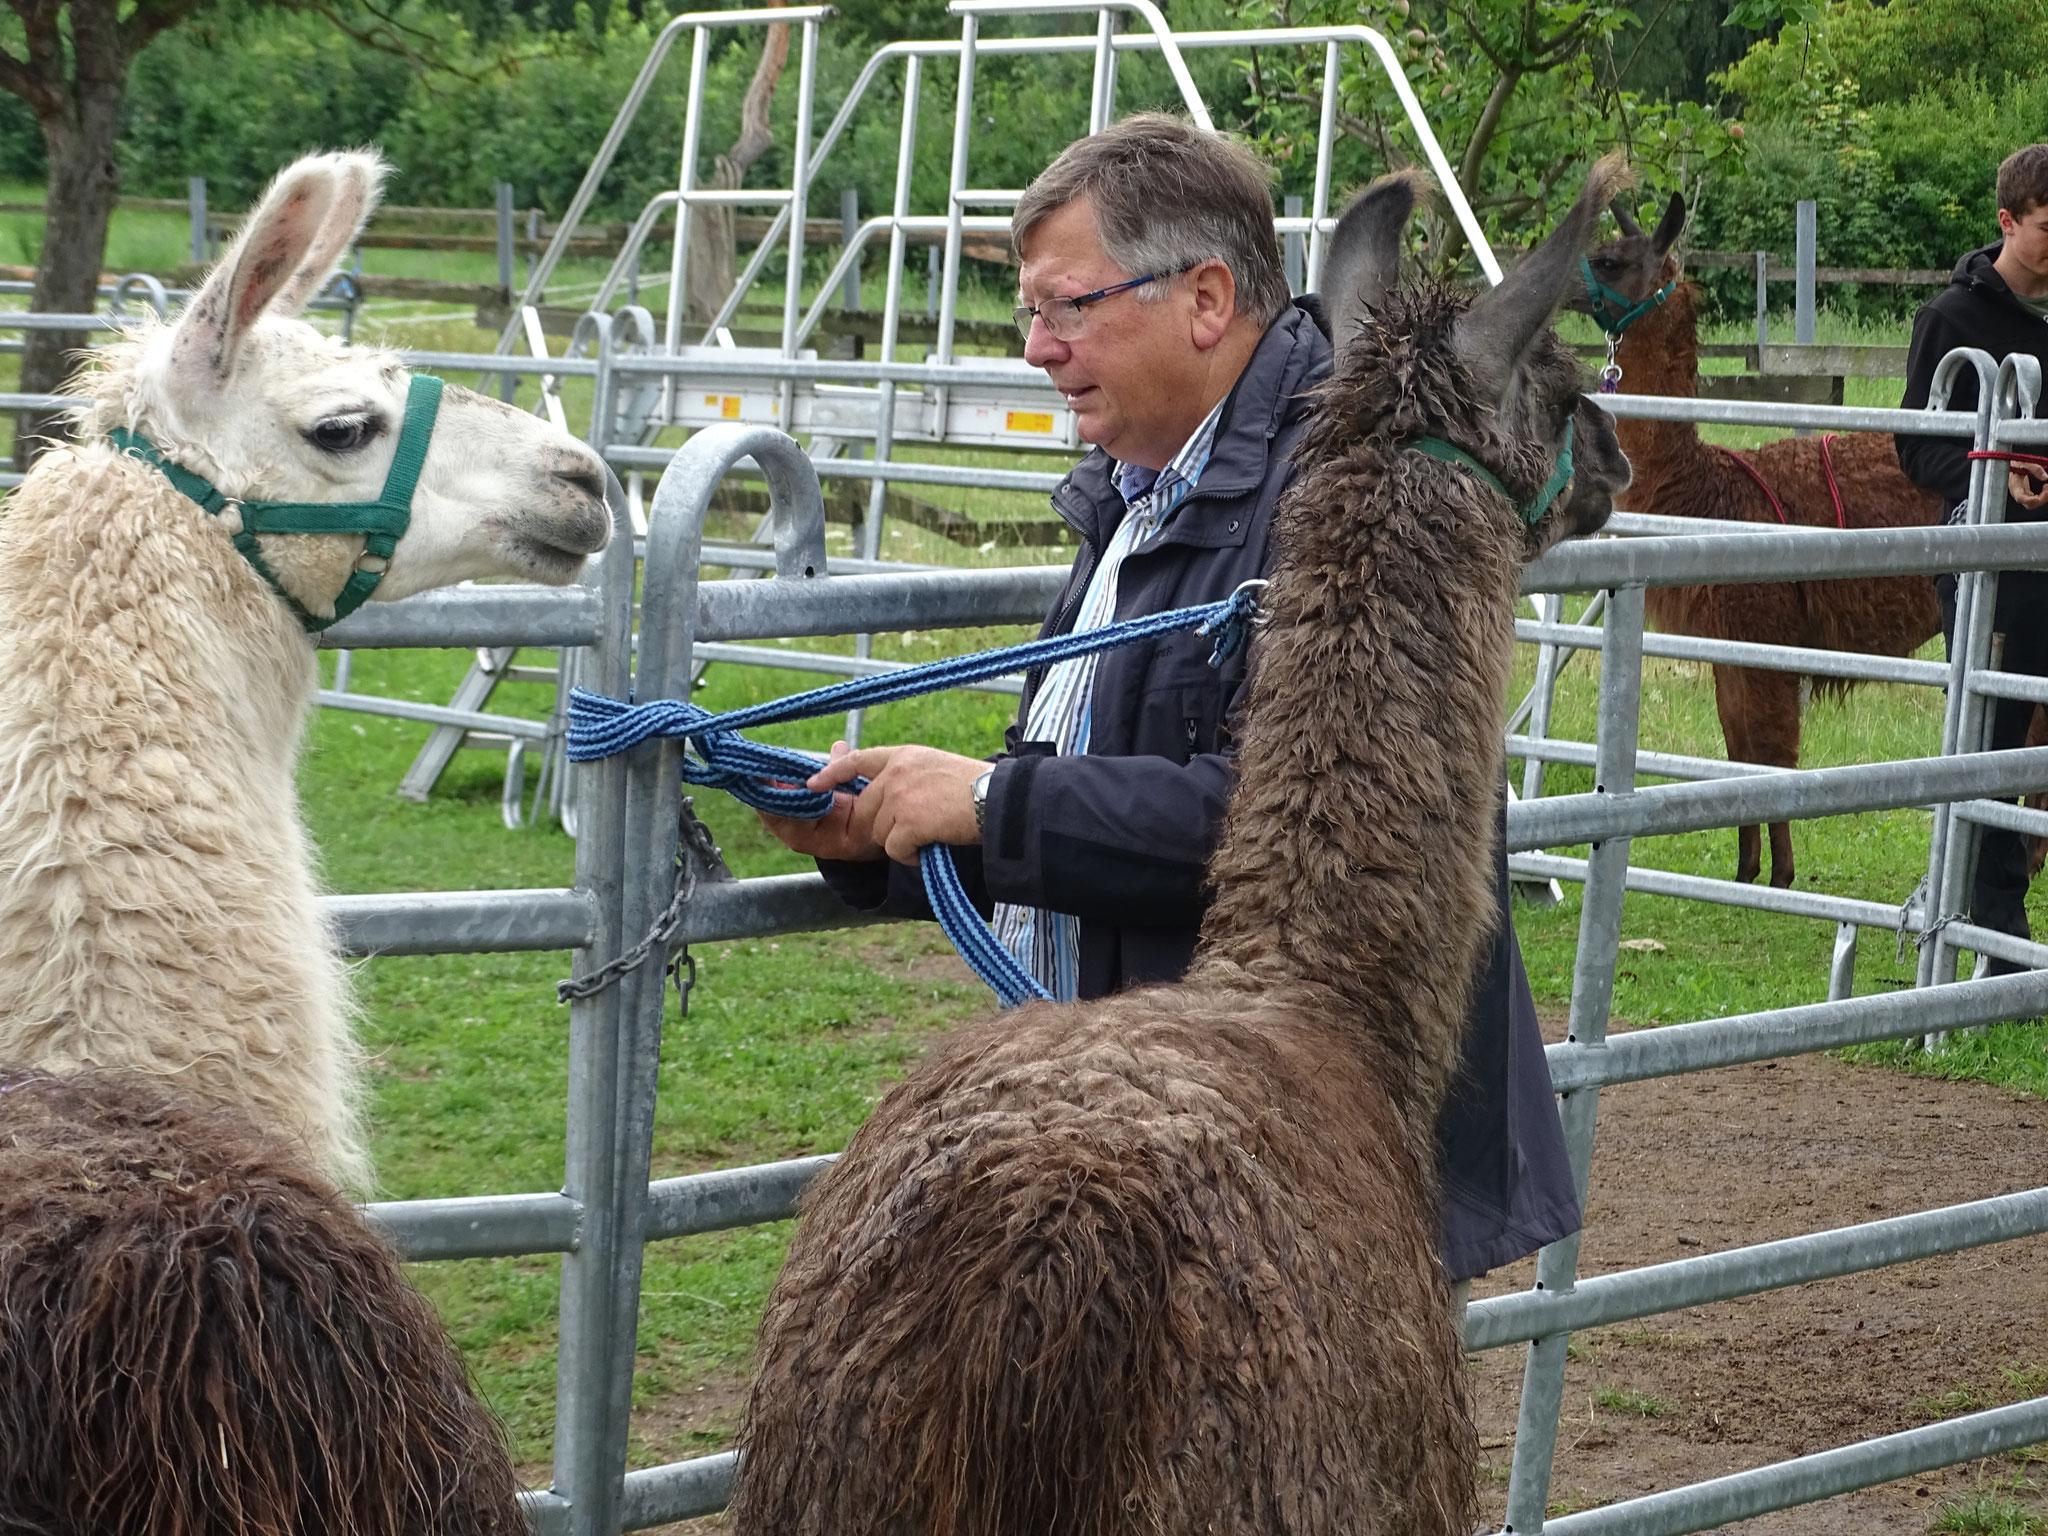 Auch der Vorstand der Lebenshilfe Ebern, Herr Dr. Hans-Werner Steger, ließ sich die Lama-Tour nicht entgehen :)